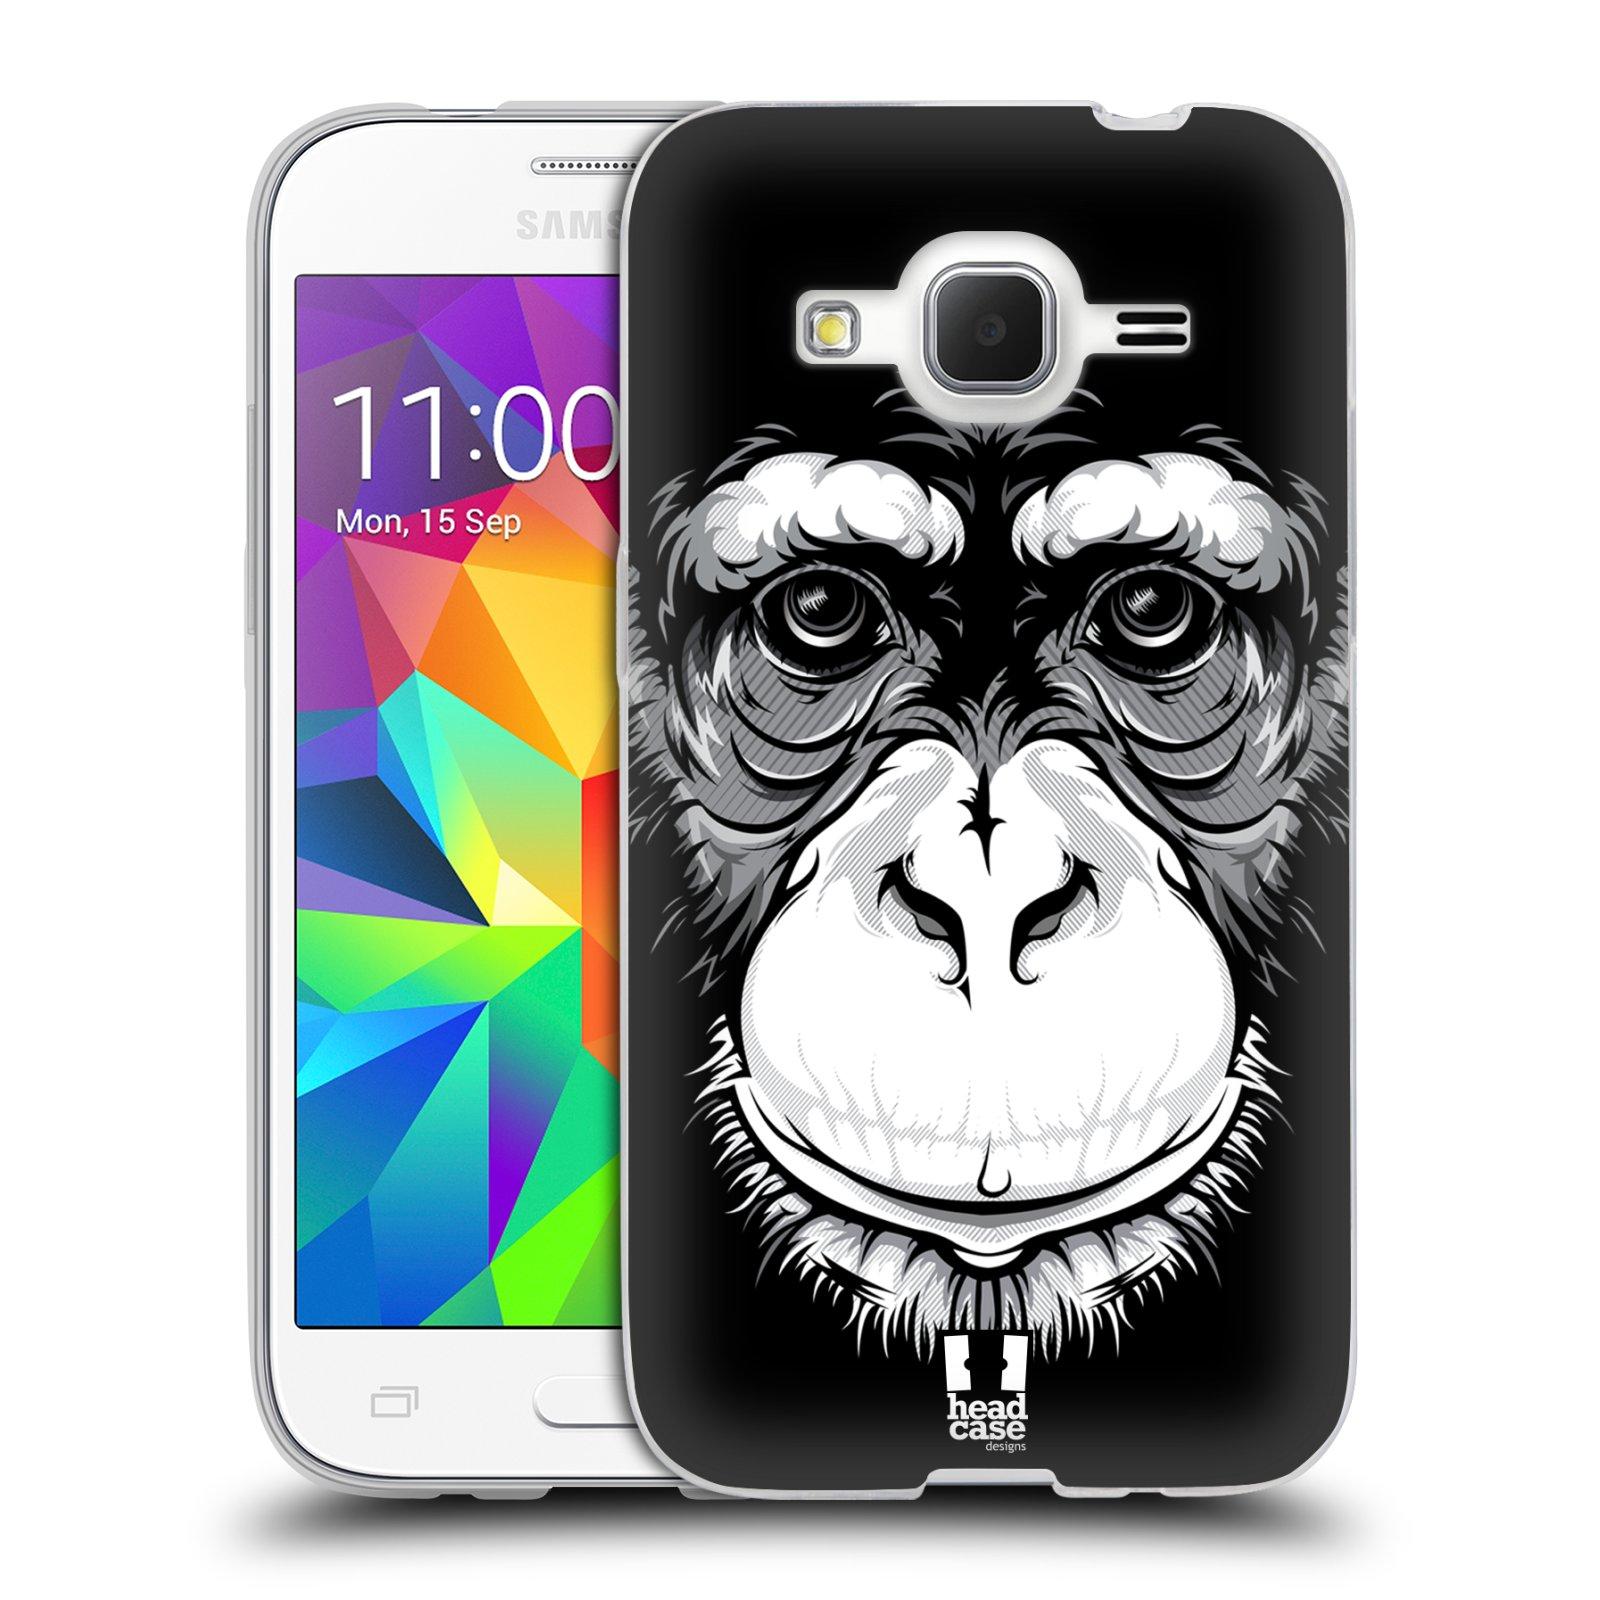 HEAD CASE silikonový obal na mobil Samsung Galaxy Core Prime (G360) vzor Zvíře kreslená tvář šimpanz